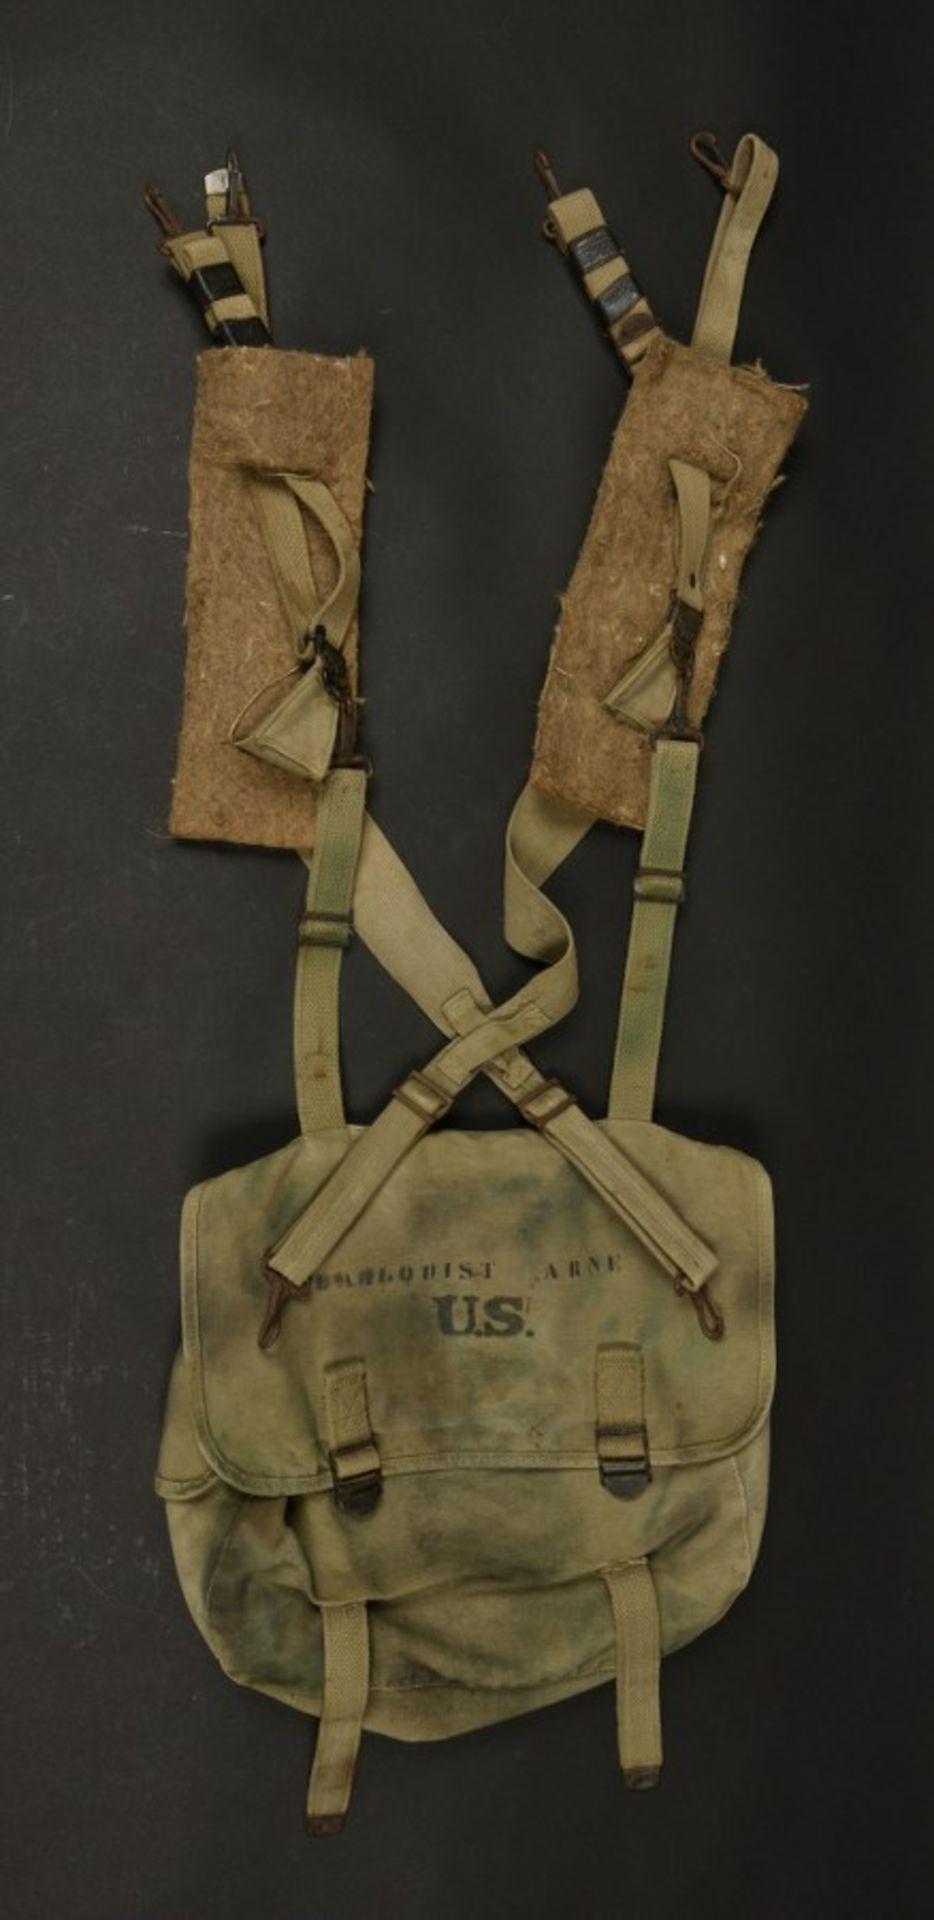 Brelage et sac M-36 camouflé de parachutiste Dahlquist Arne du 325ème GIR de la 82ème Airborne. M-36